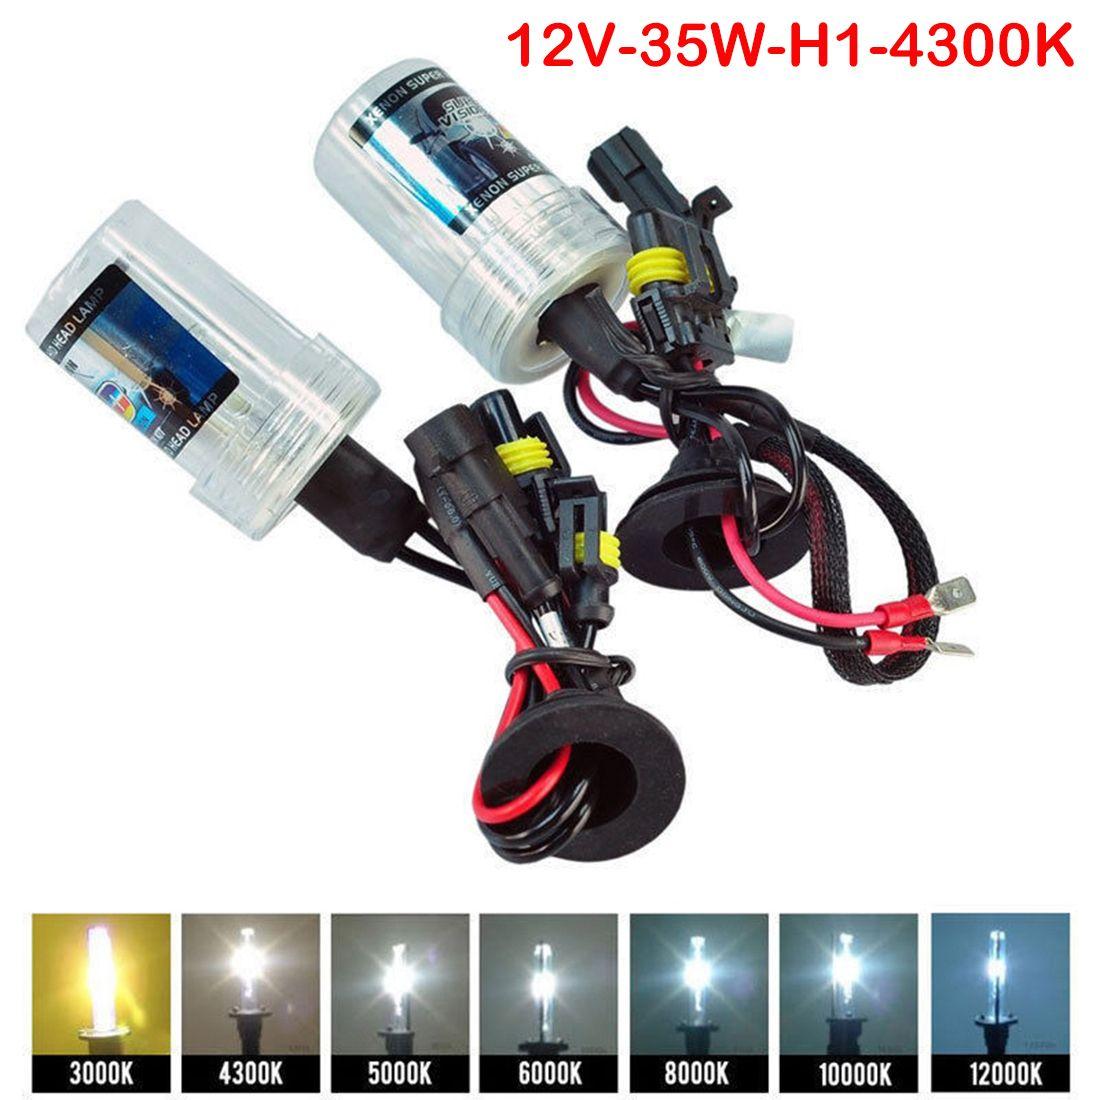 Tonewan 2 шт. 35 Вт ксеноновые лампы фар авто головного света H1 H4 H11 4300 К 5000 К 6000 К 8000 К авто Замена